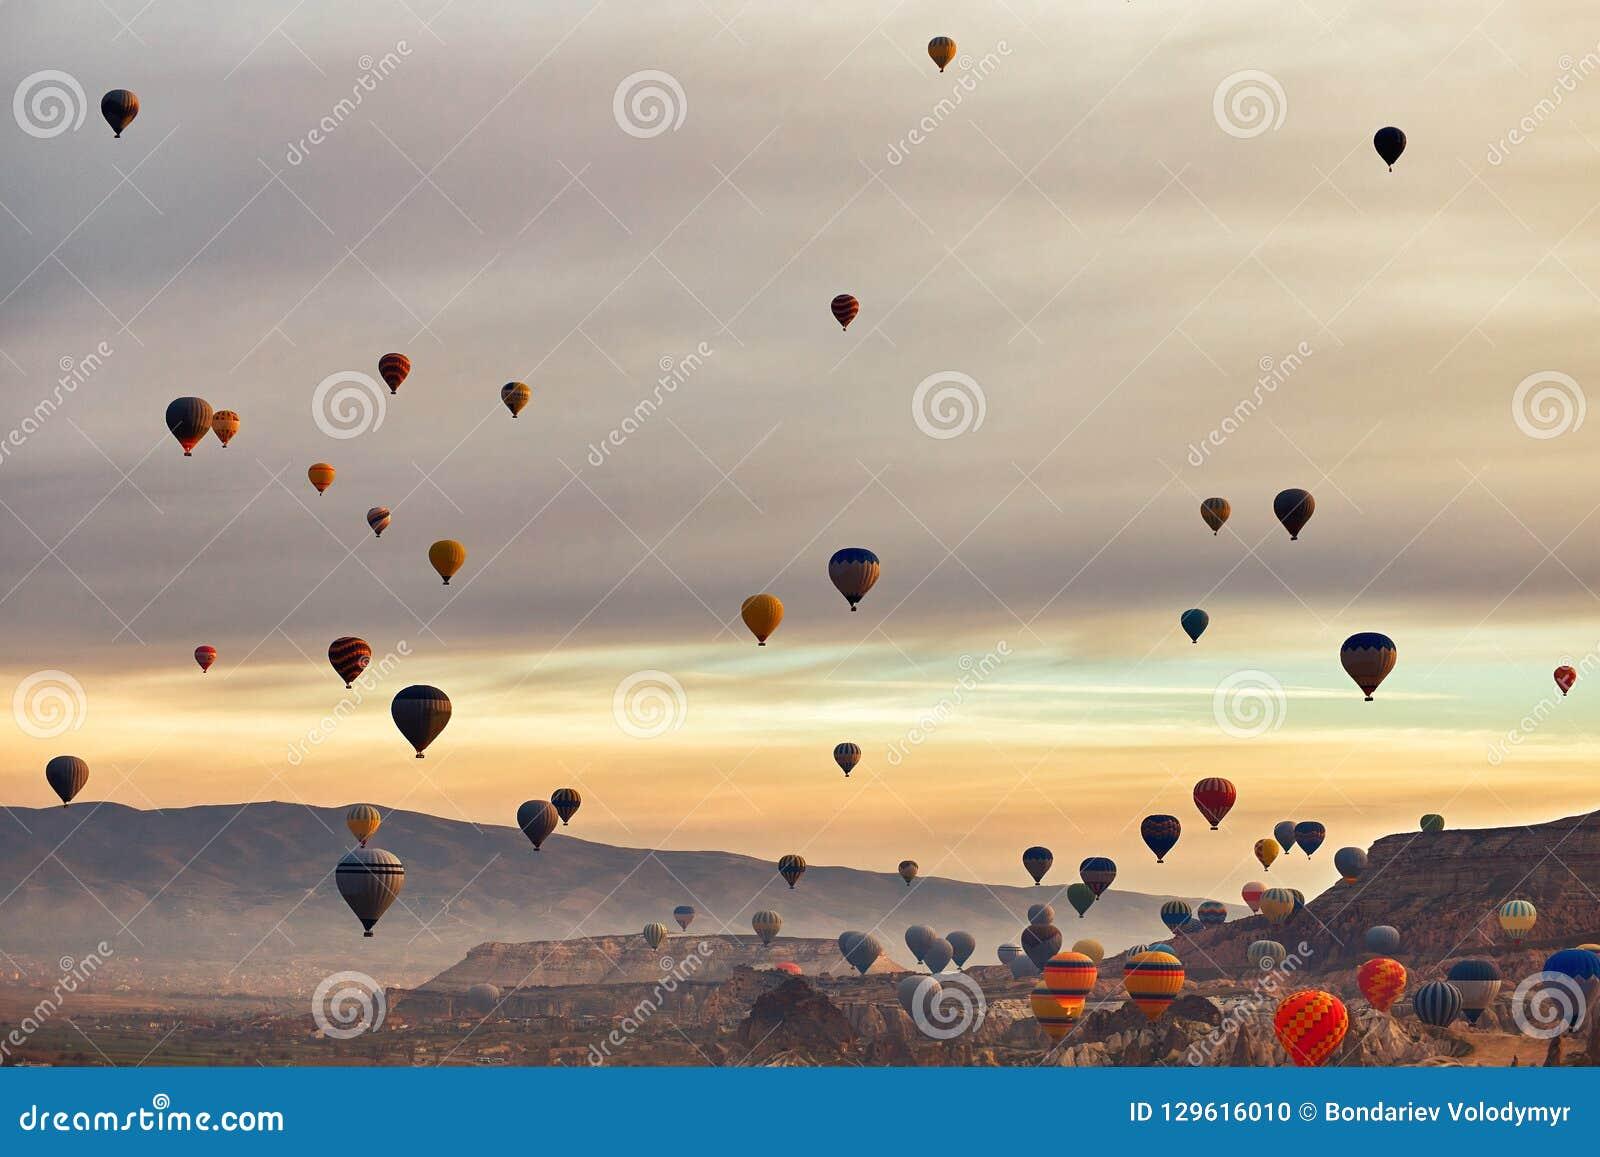 Paesaggio della montagna con i grandi palloni in una breve stagione estiva